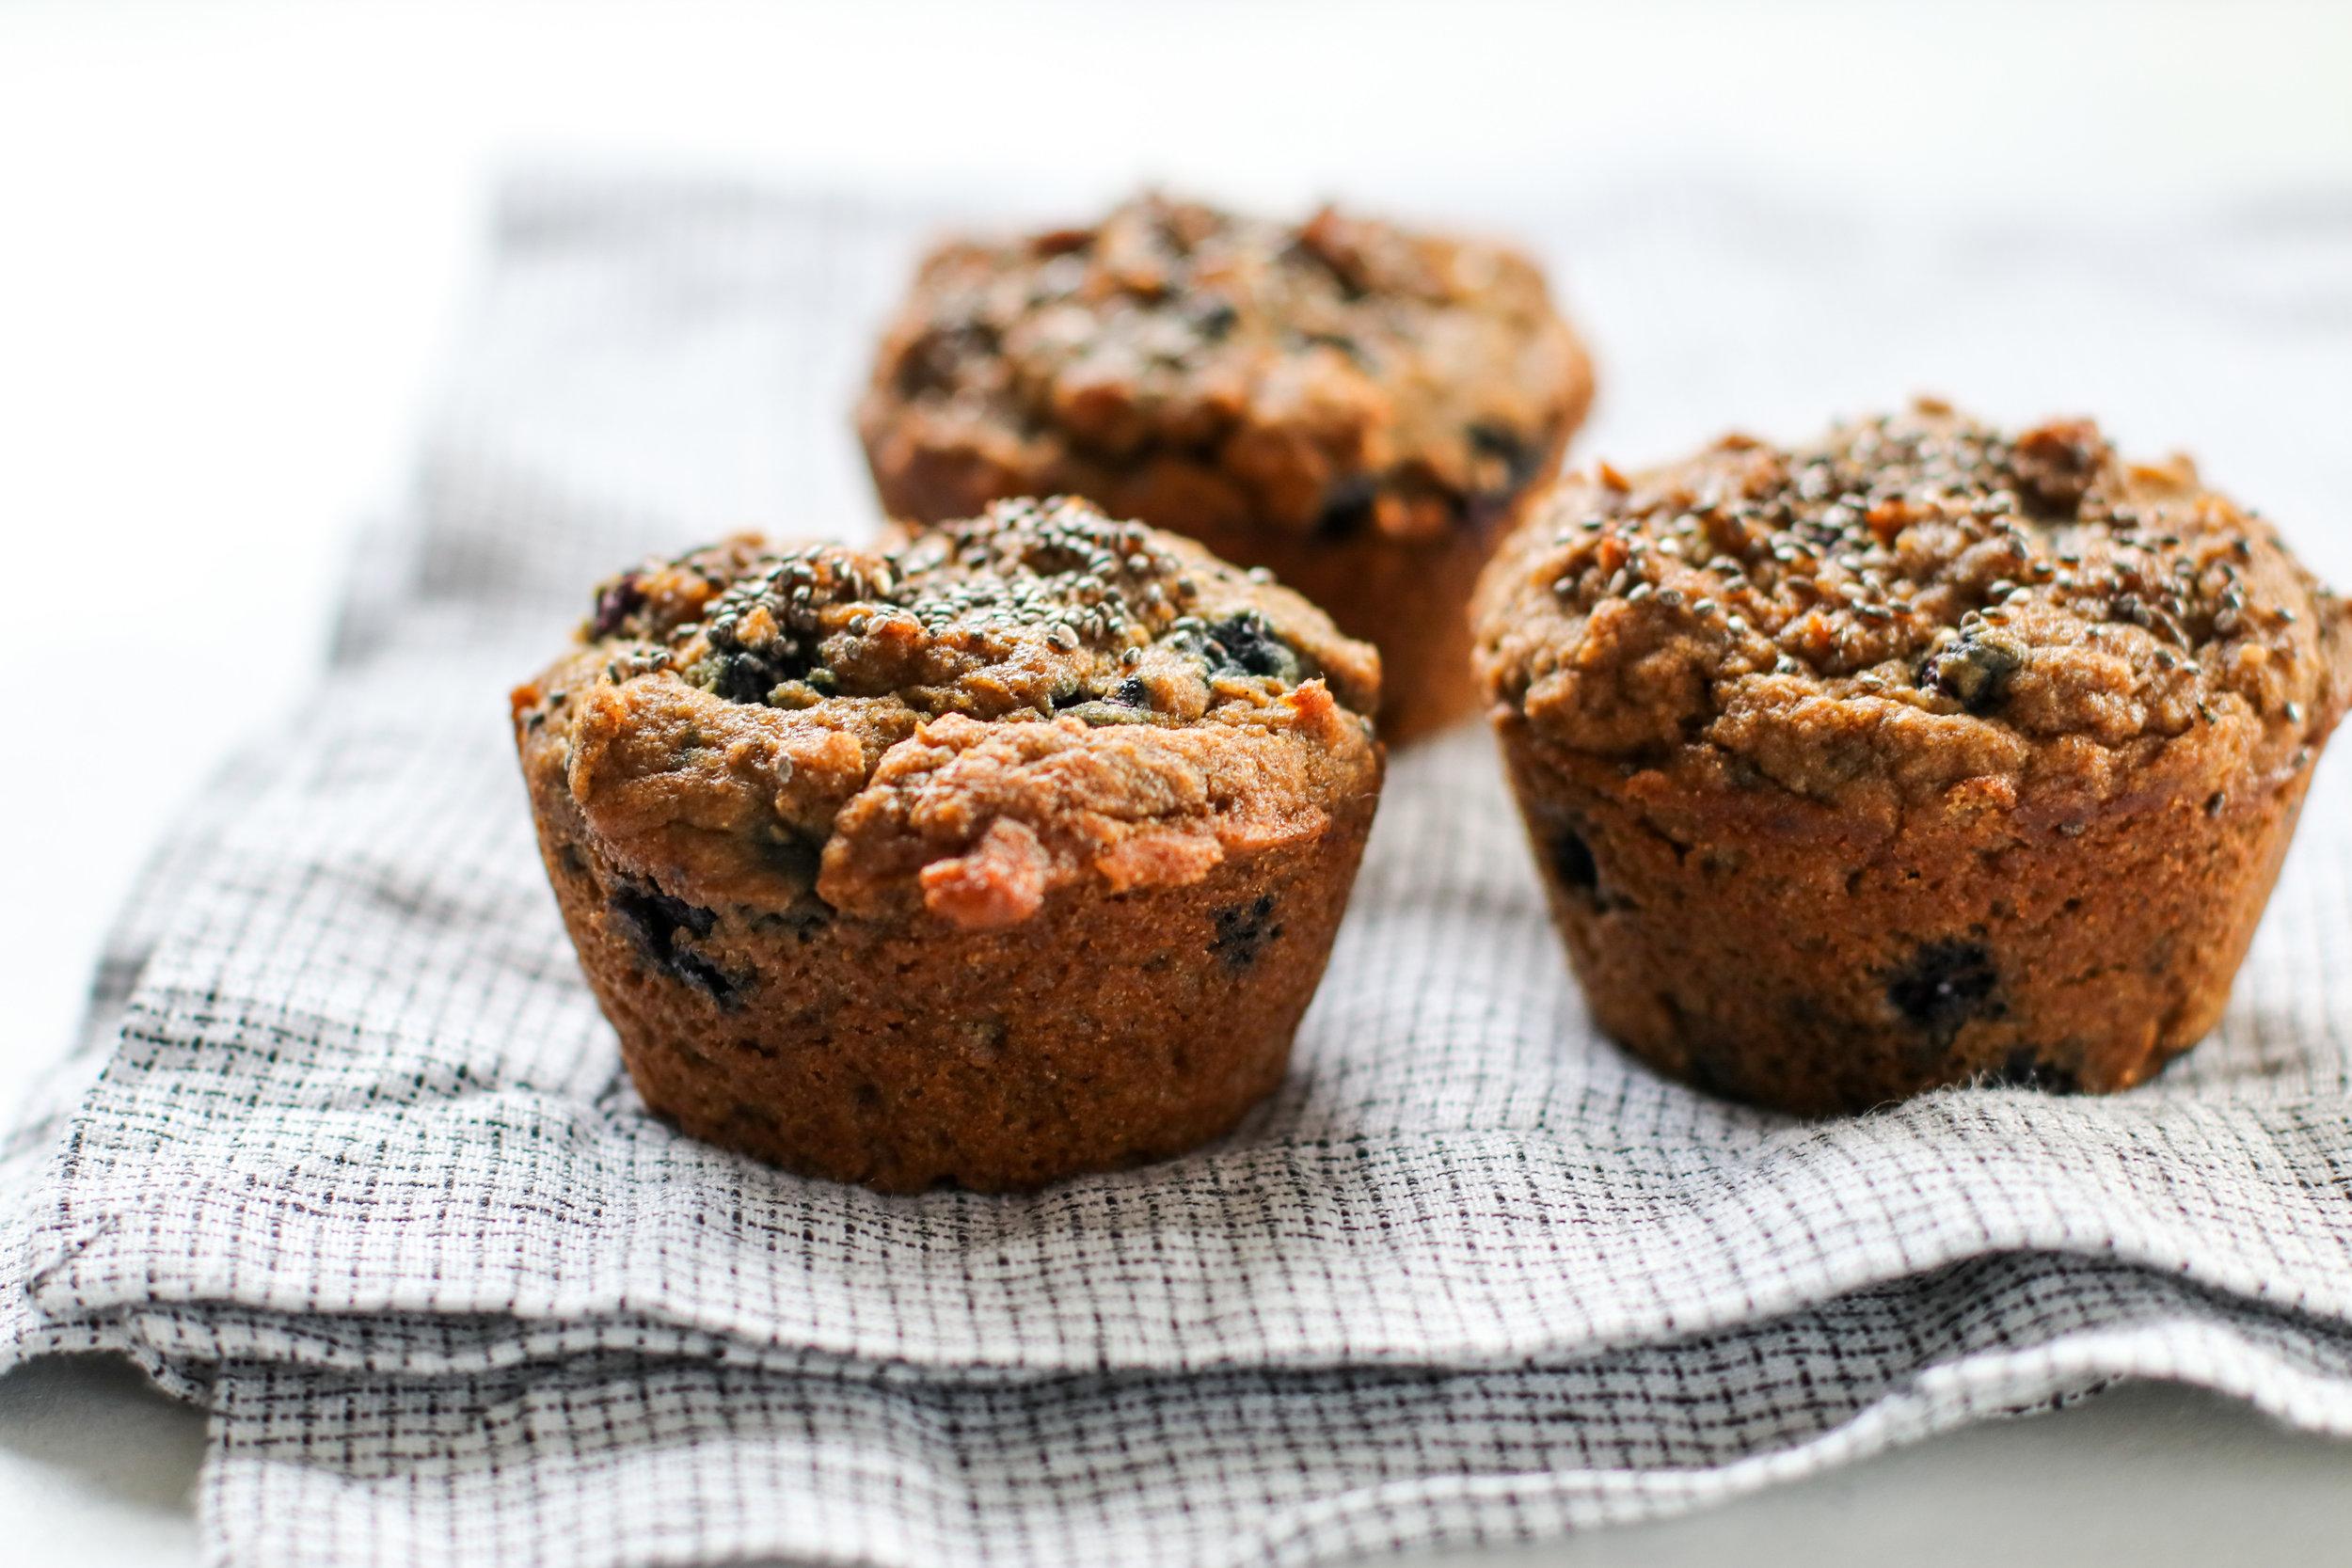 Baked goods -